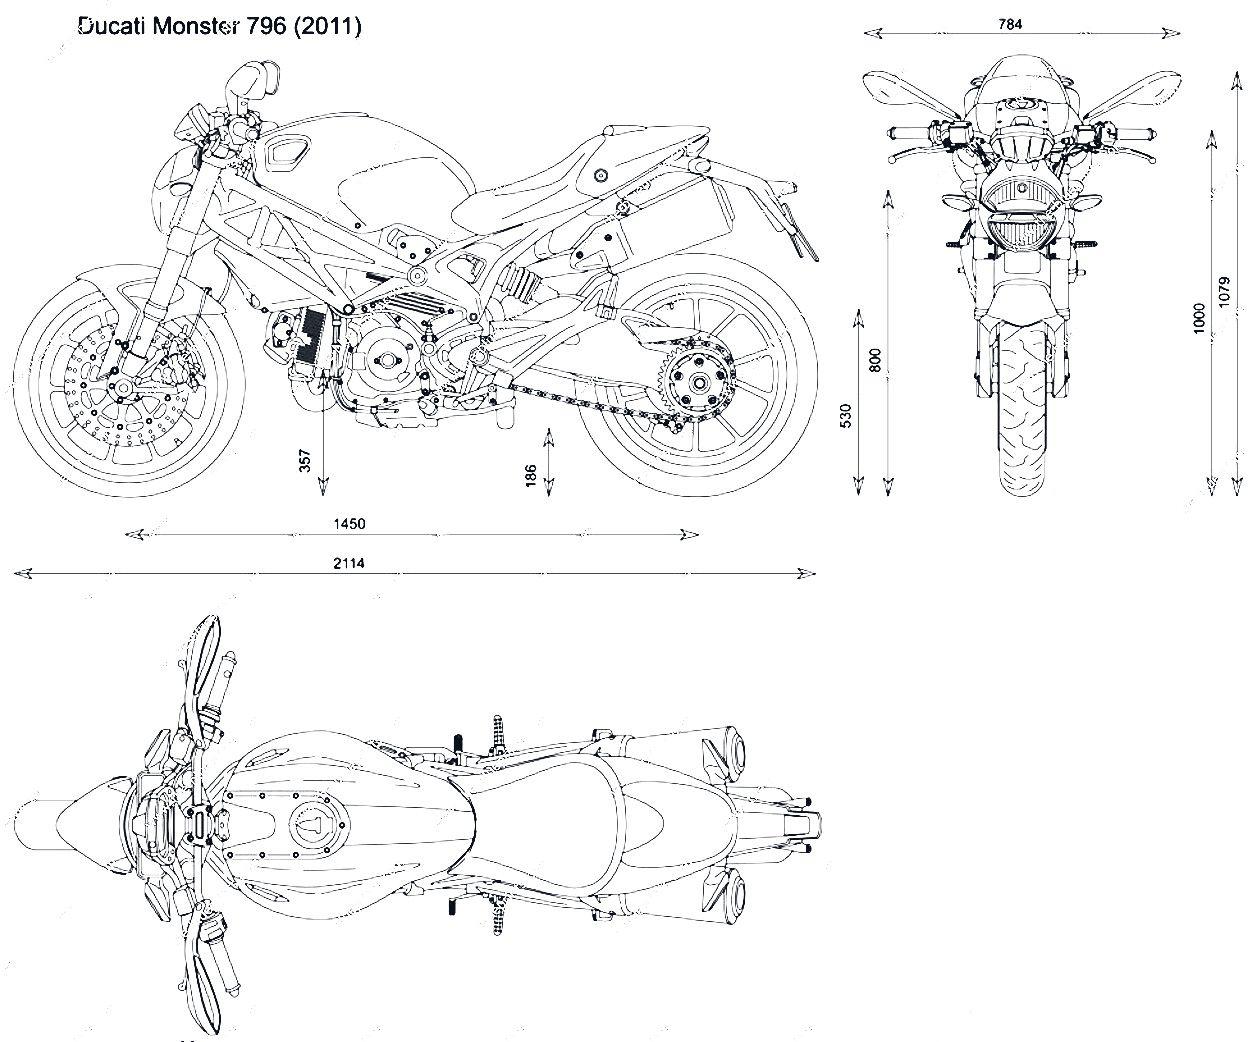 Ducati Monster 796 Blueprint